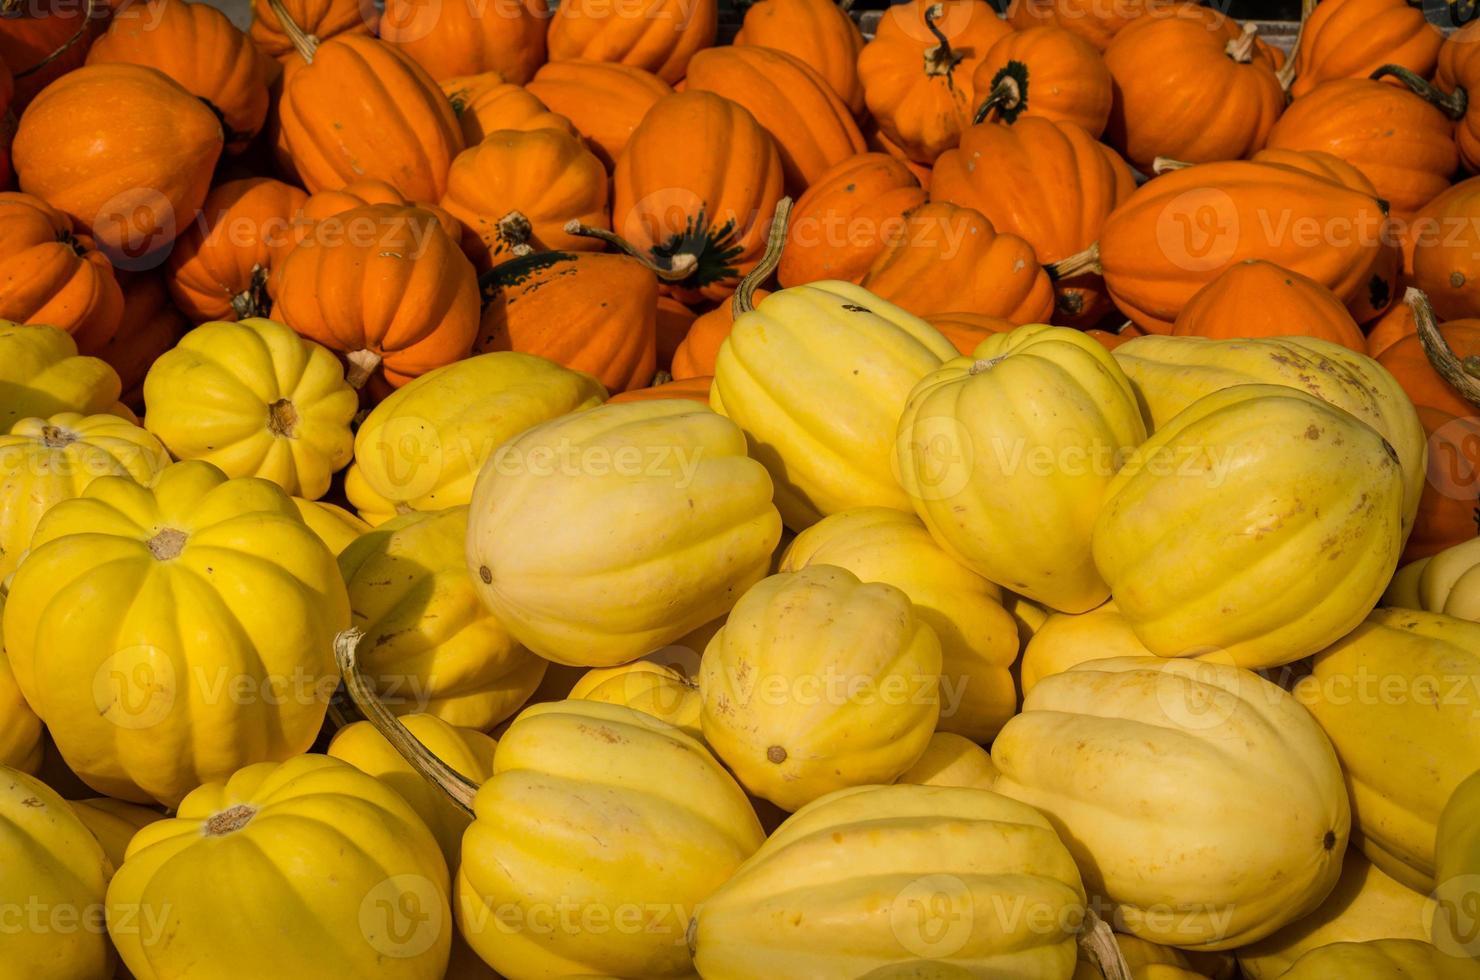 gelber und orange Eichelkürbis foto